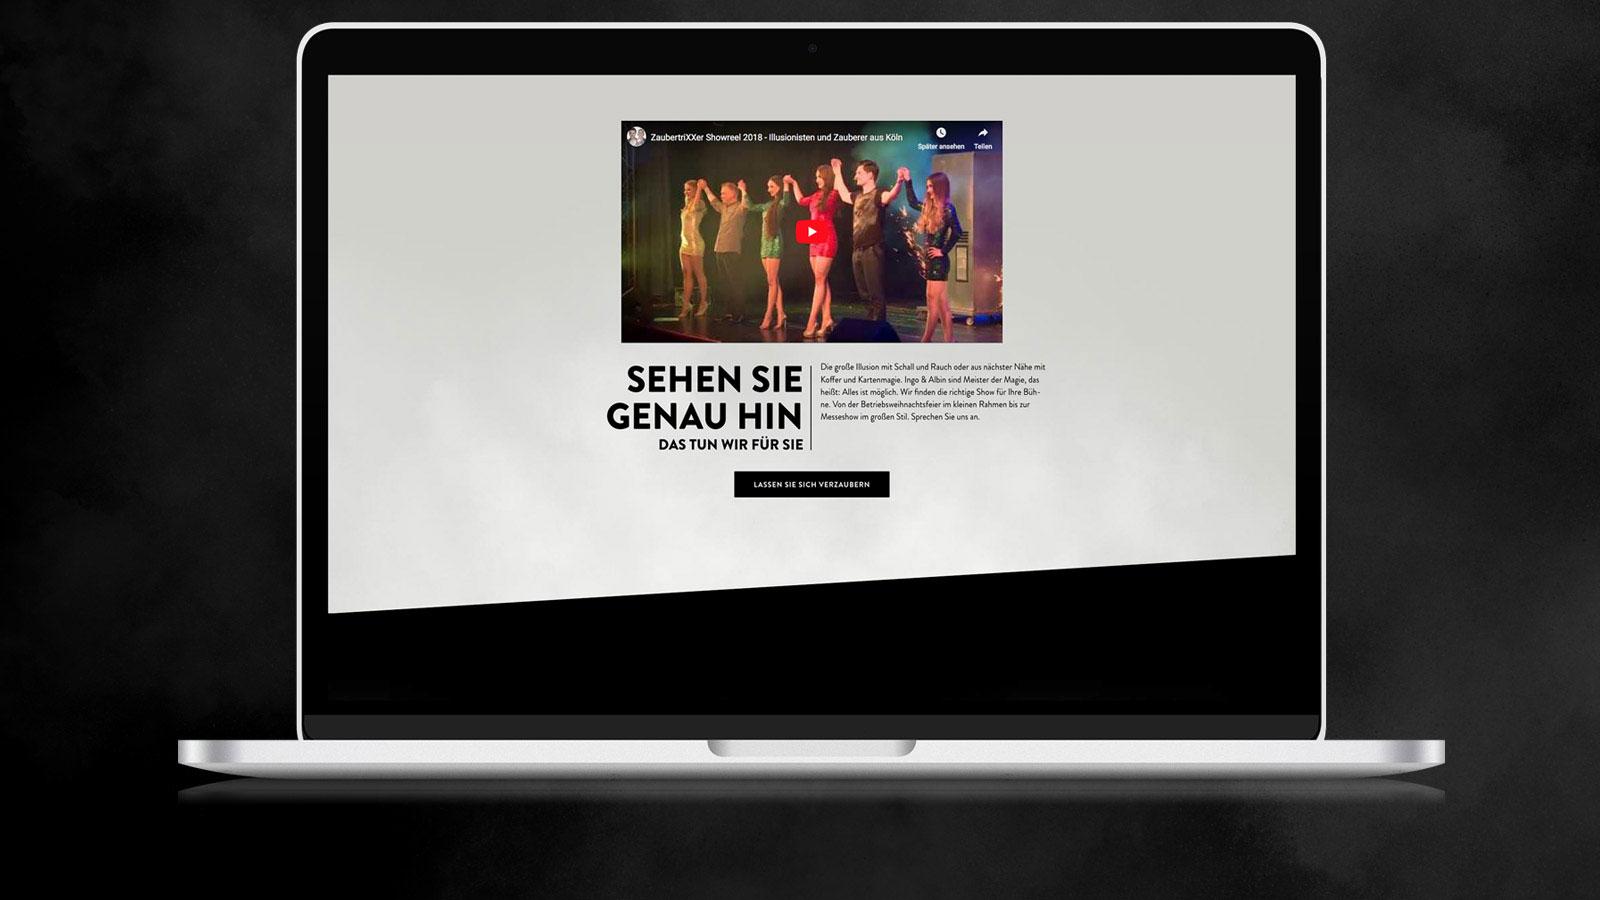 Webdesign für Zaubershows